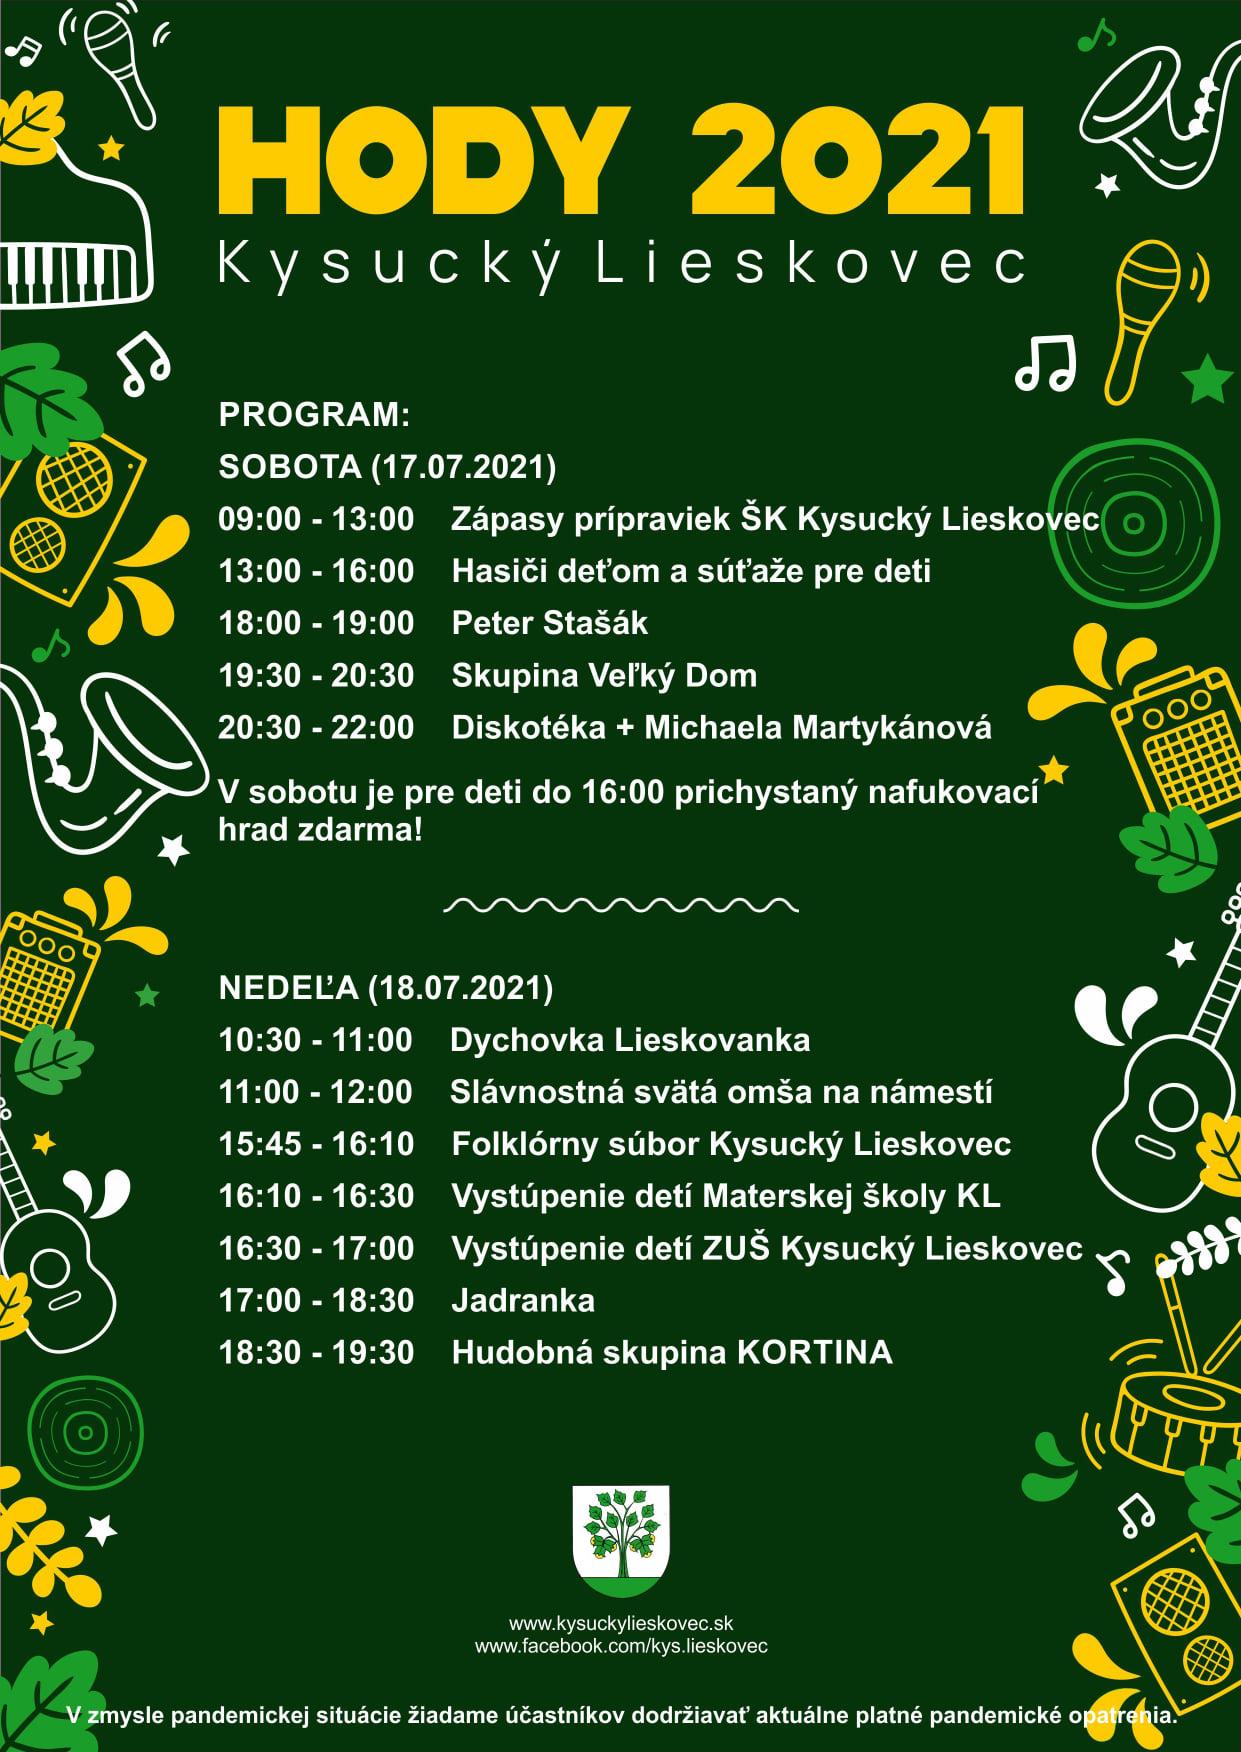 Hodové slávnosti 2021 Kysucký Lieskovec